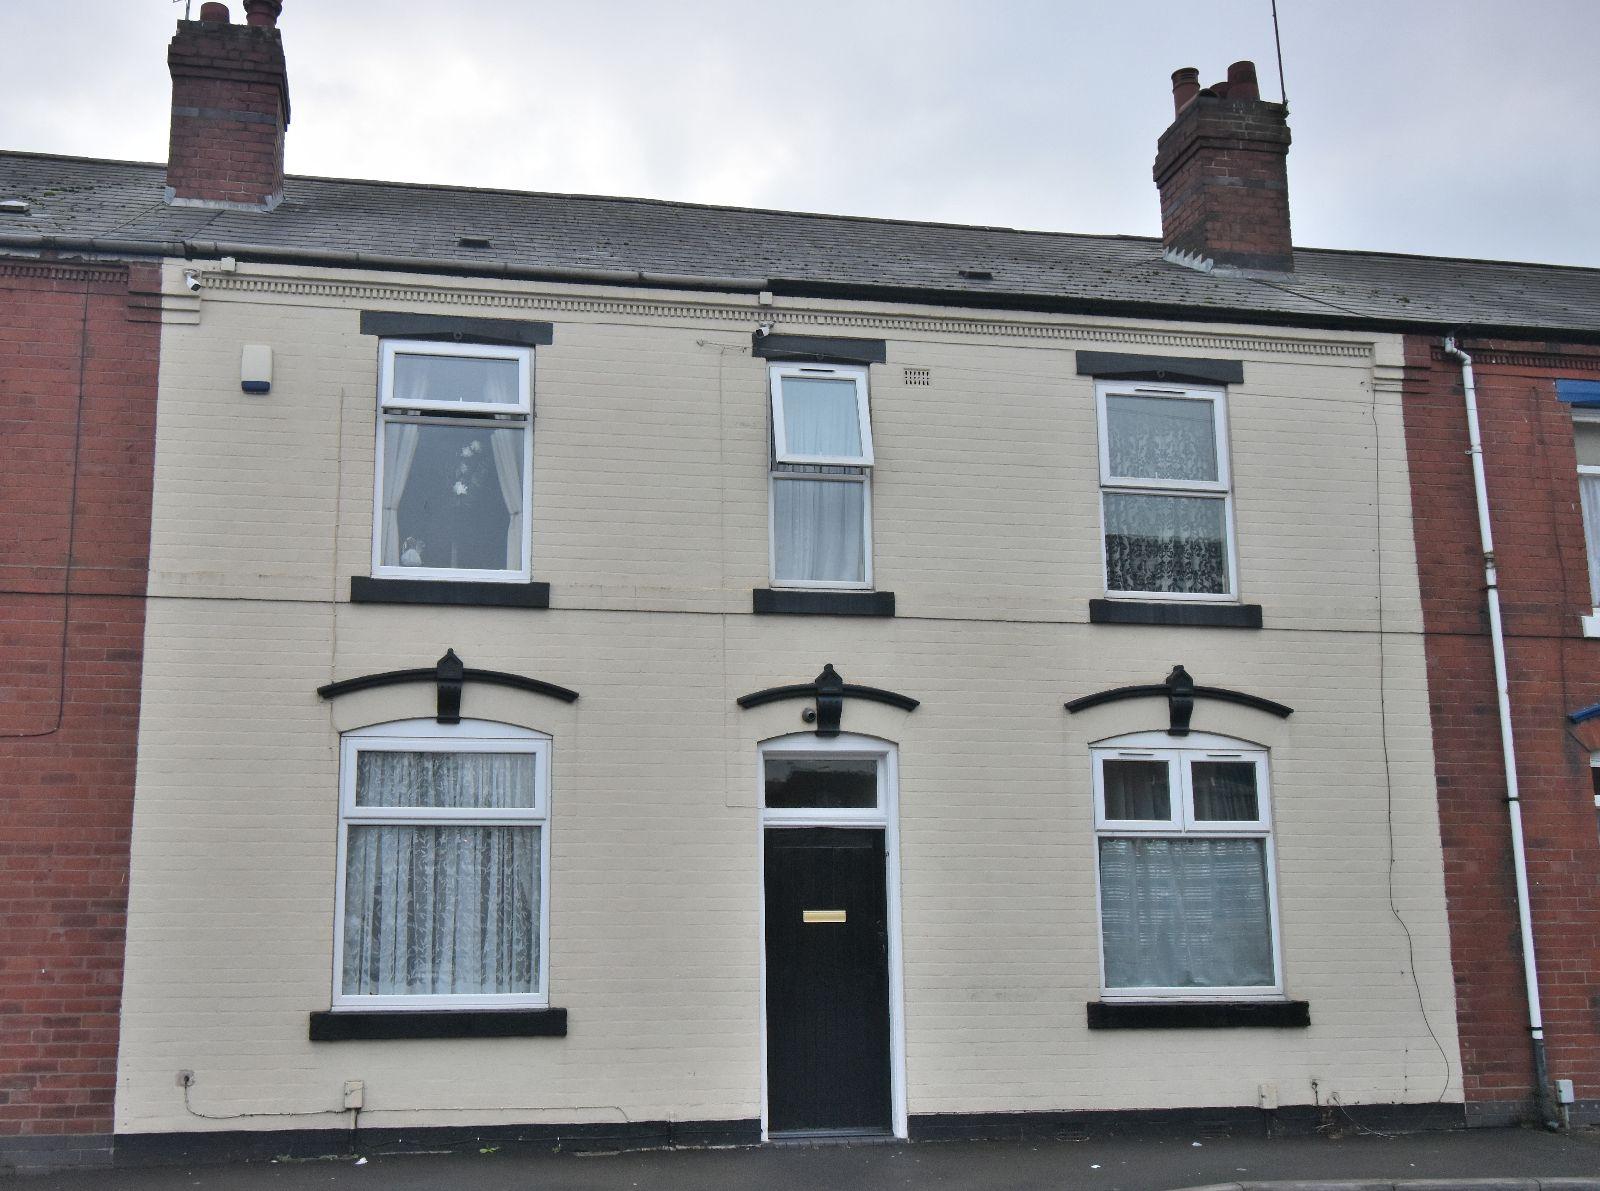 Whyley Street, West Bromwich, B70 9LX